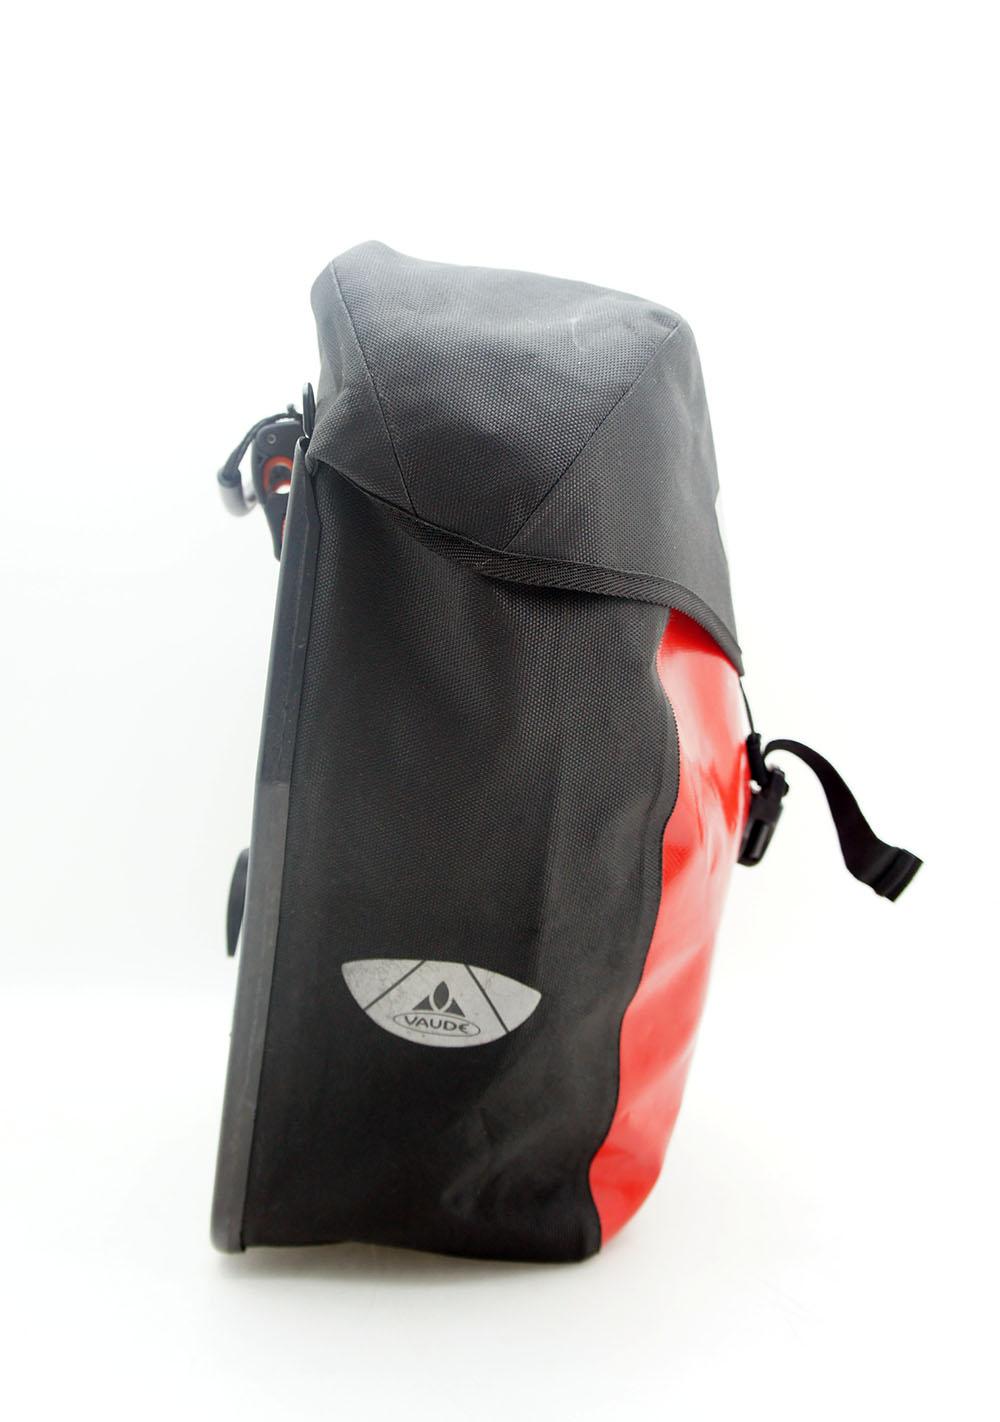 vaude fahrrad rucksack lkw plane wasserdicht rot schwarz. Black Bedroom Furniture Sets. Home Design Ideas